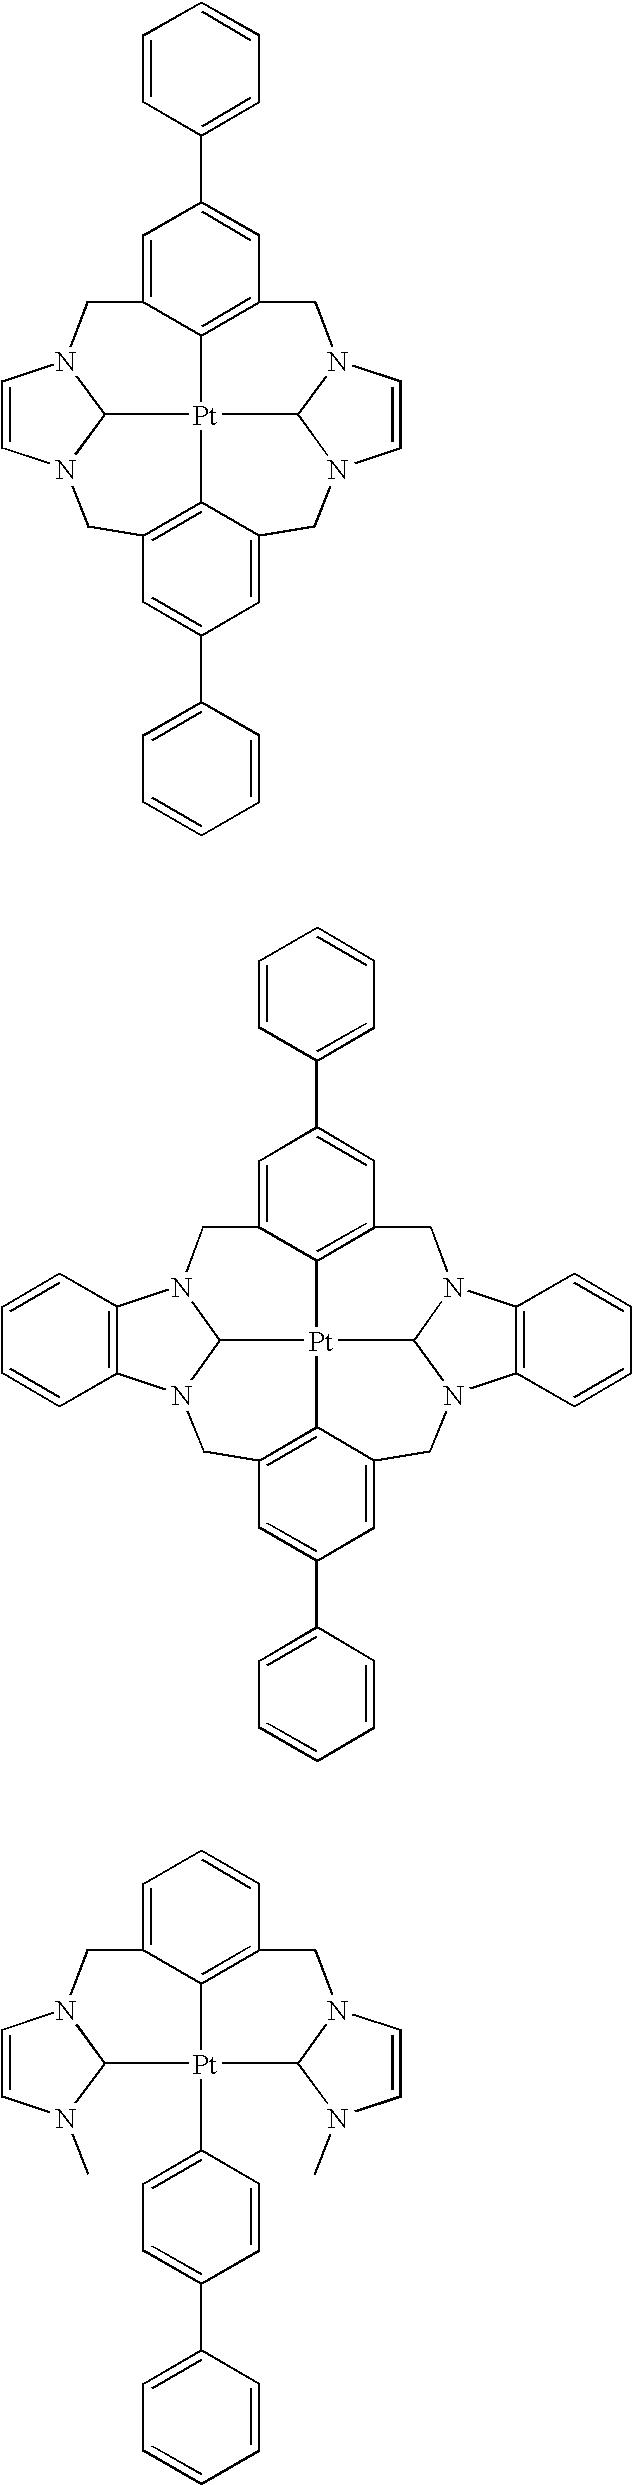 Figure US20050260445A1-20051124-C00037